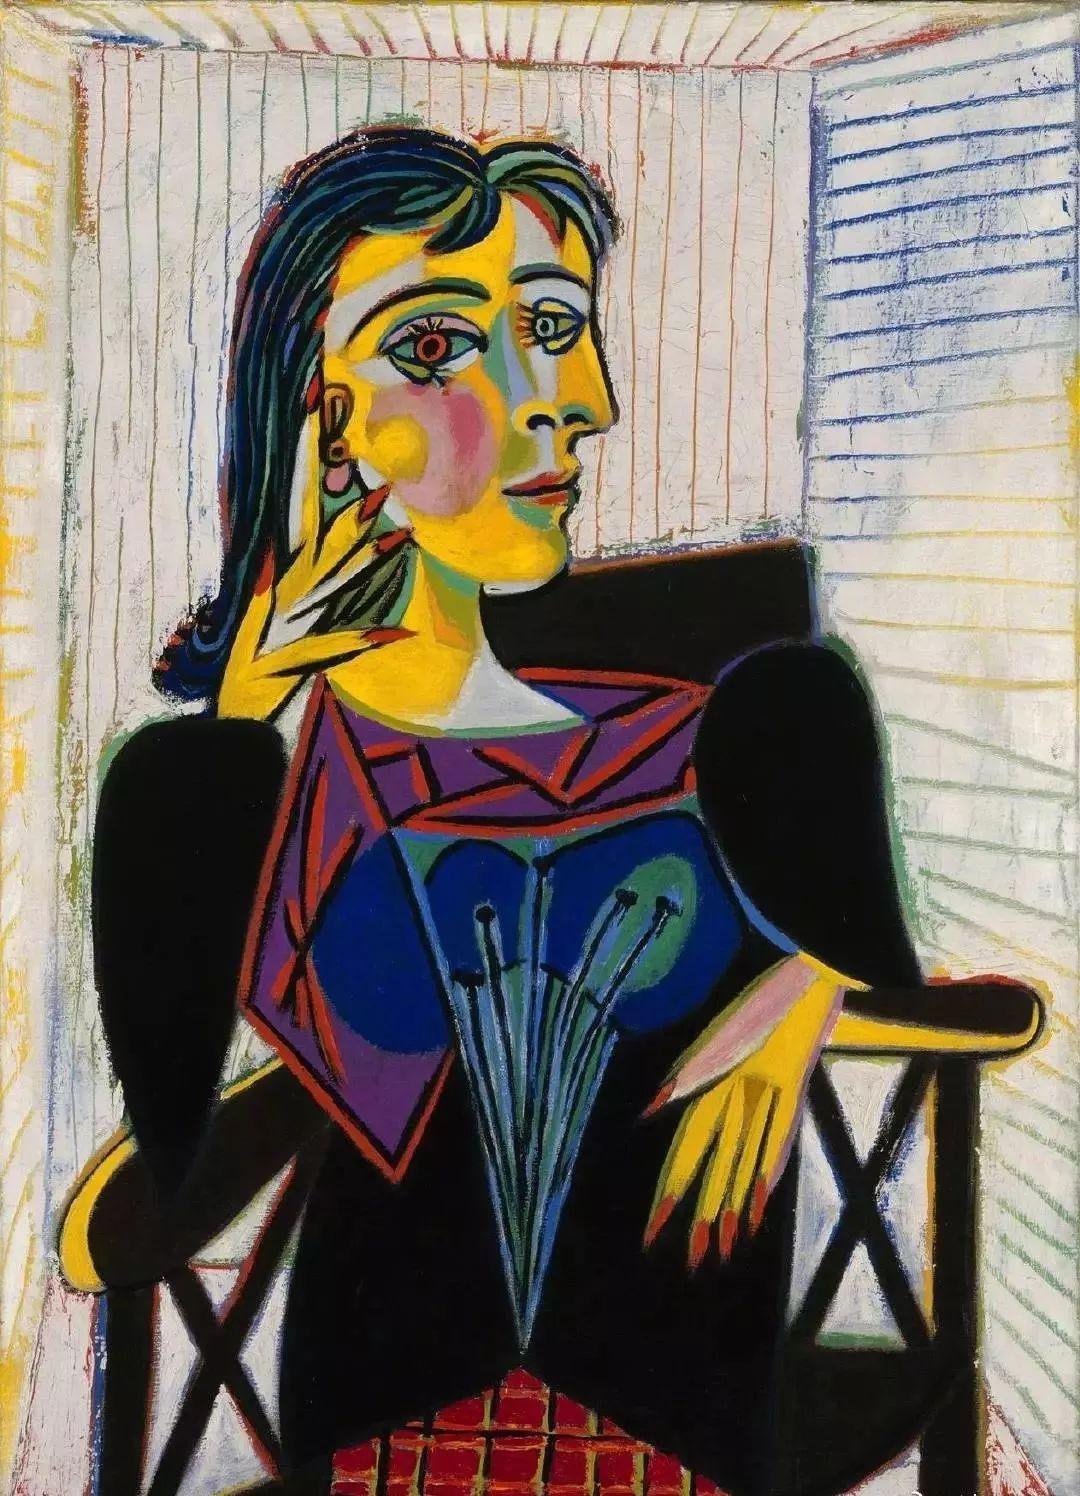 毕加索笔下的抽象爱人插图1